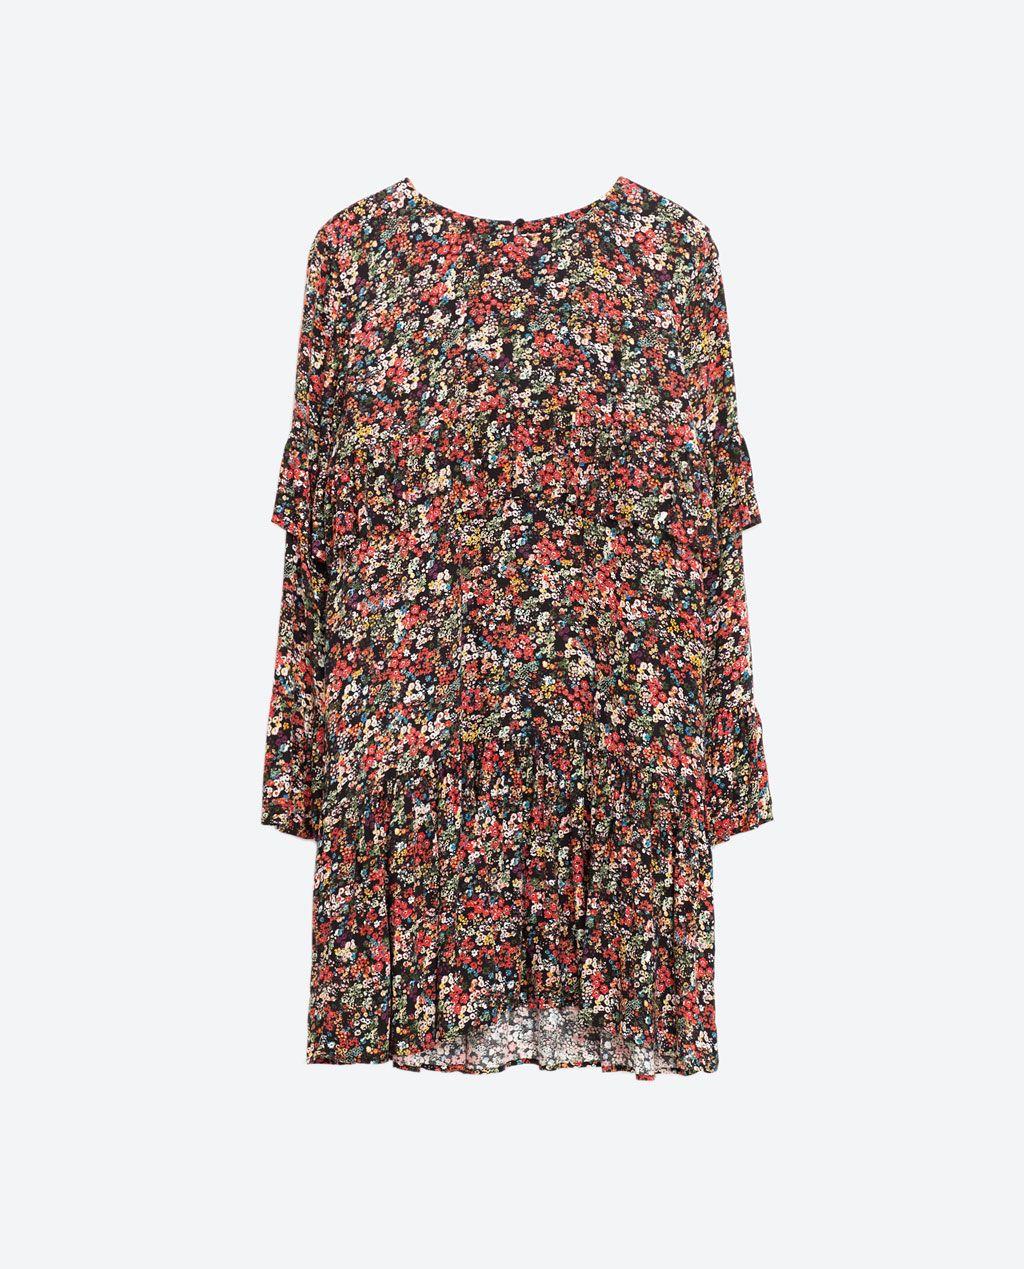 Zara Dan 6 Firfirli Desenli Elbise Resmi Elbise Zara Kadin